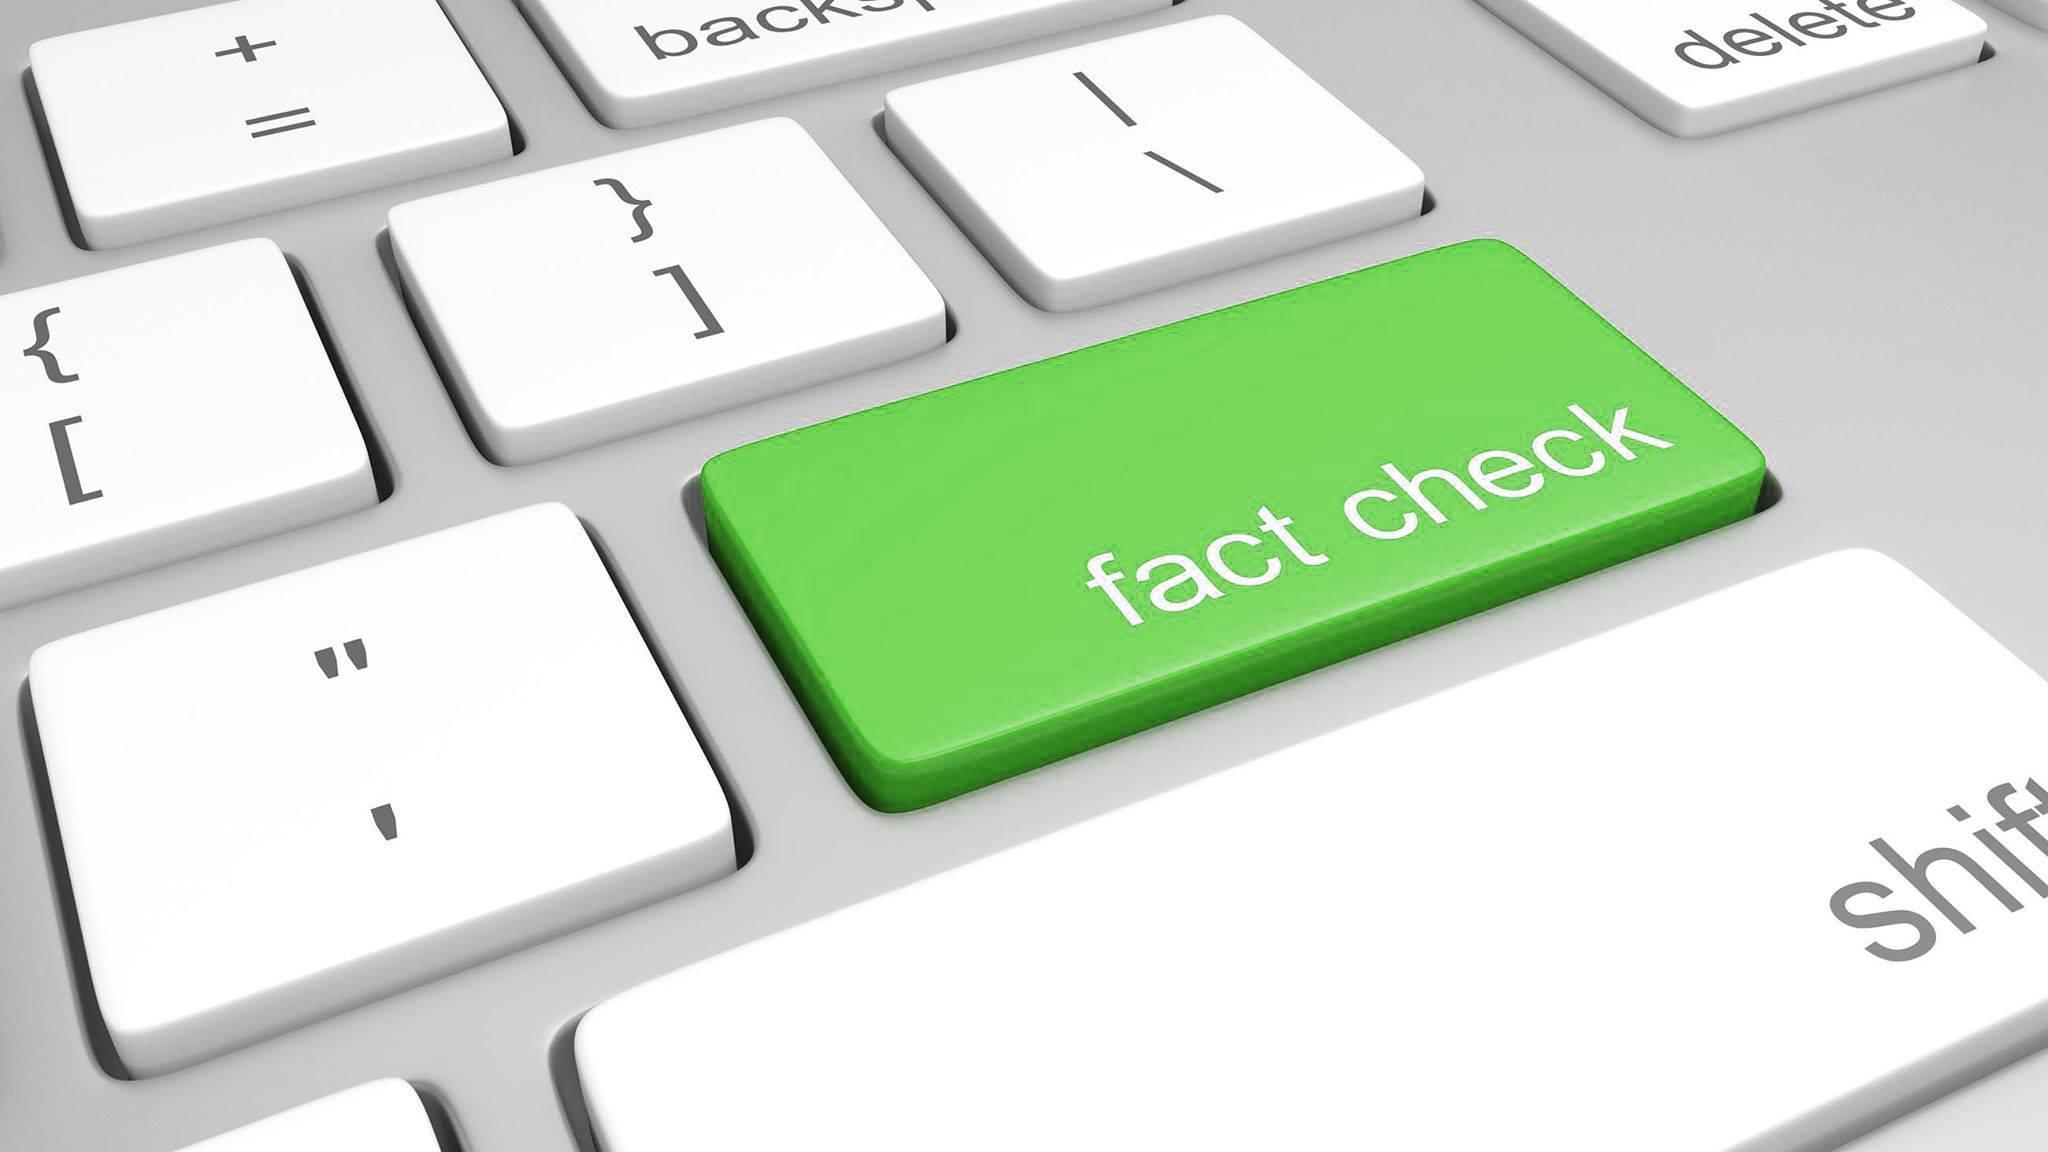 Mudrost gomile: Građani kao fact-checkeri na društvenim mrežama